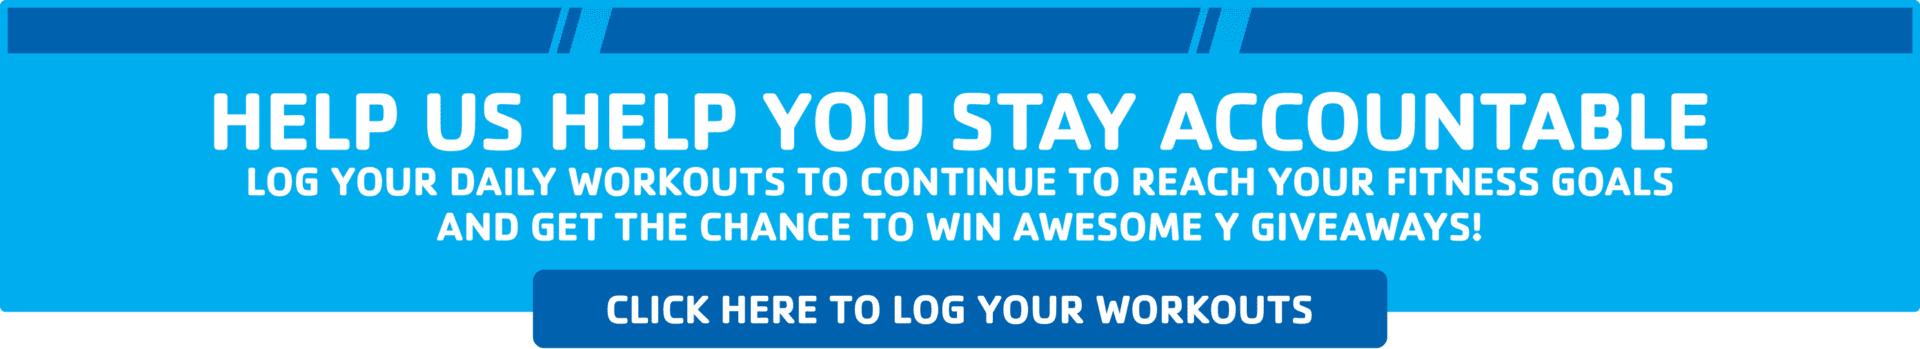 virtual y log workouts